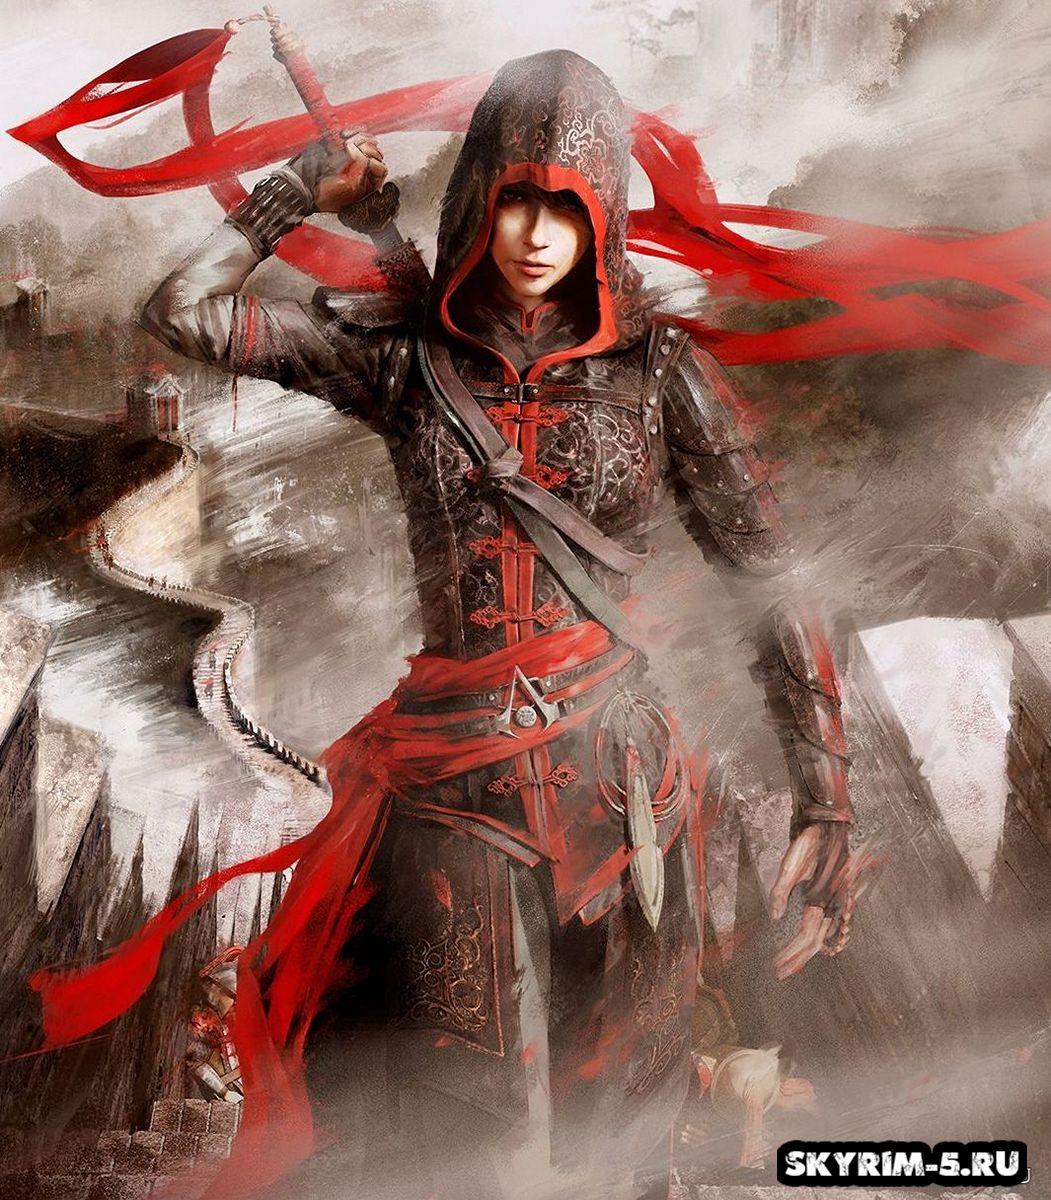 Шао Юн - Assassin's Creed -